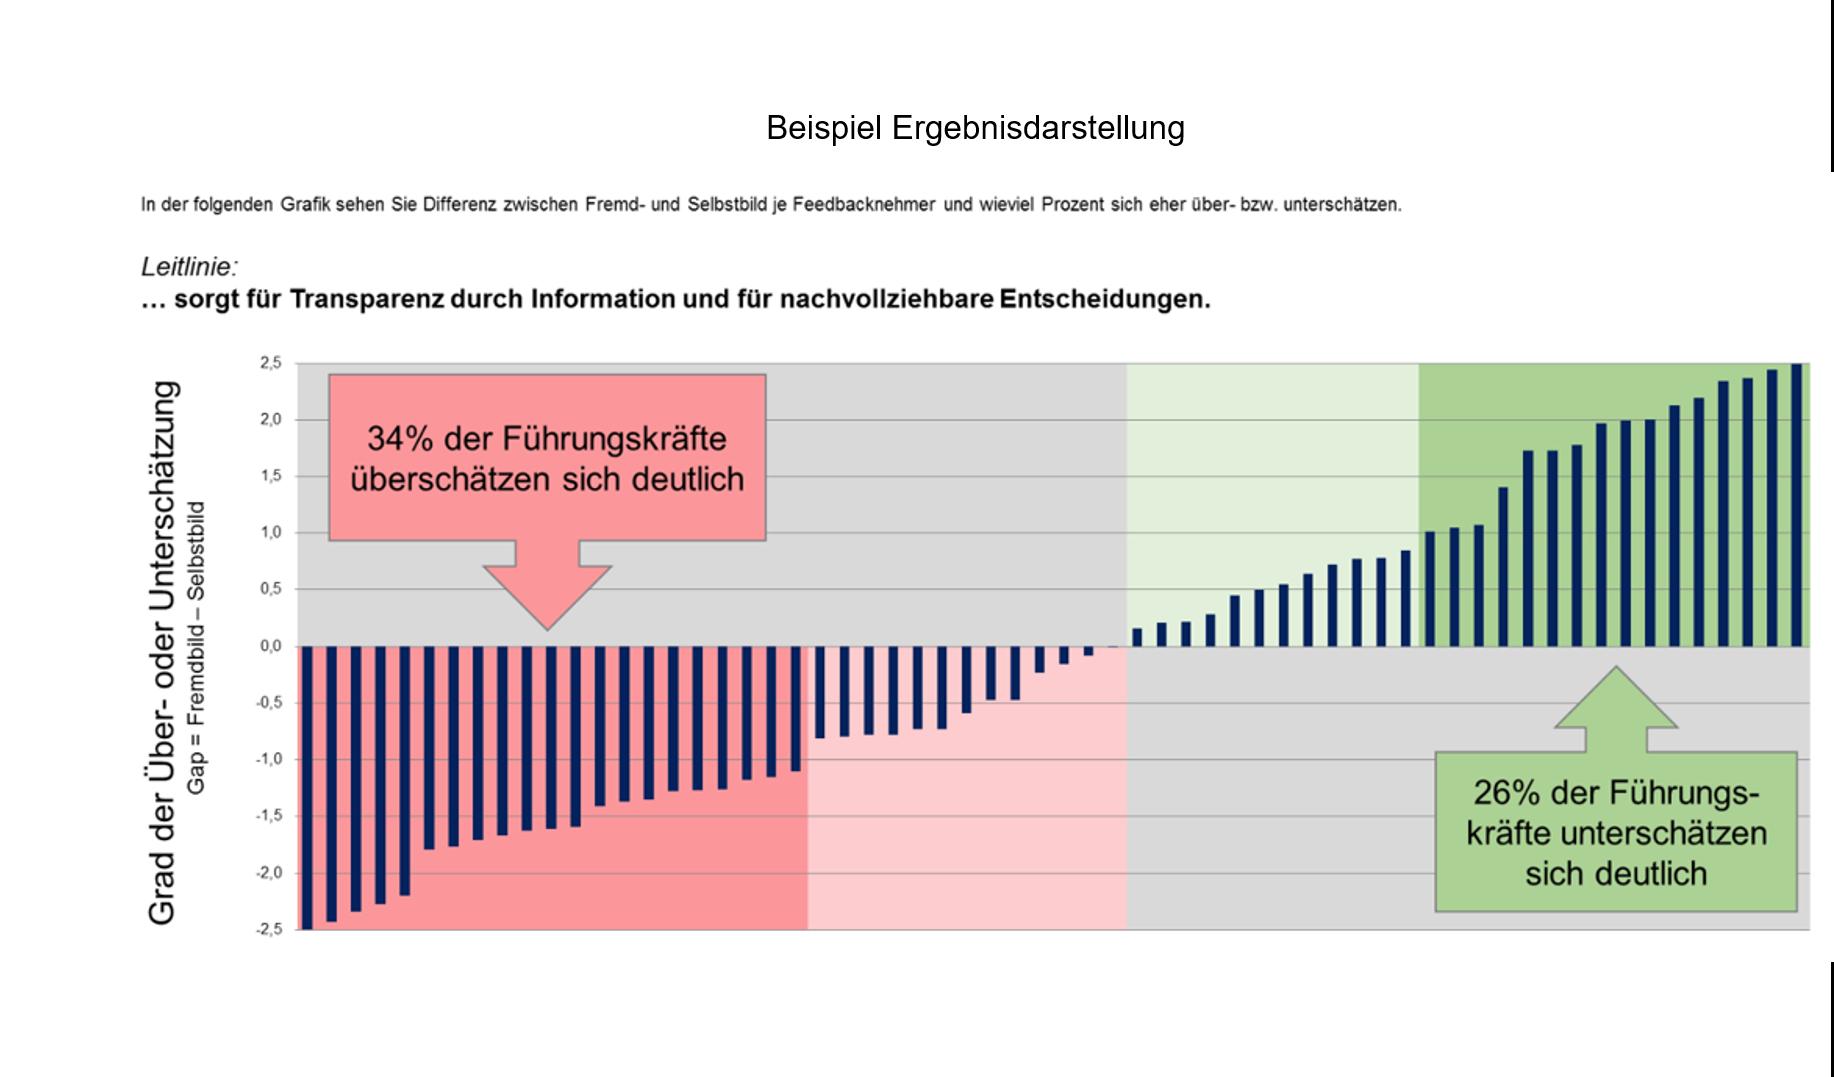 Fuehrungskraeftefeedback Beispiel Ergebnisdarstellung Slide 1